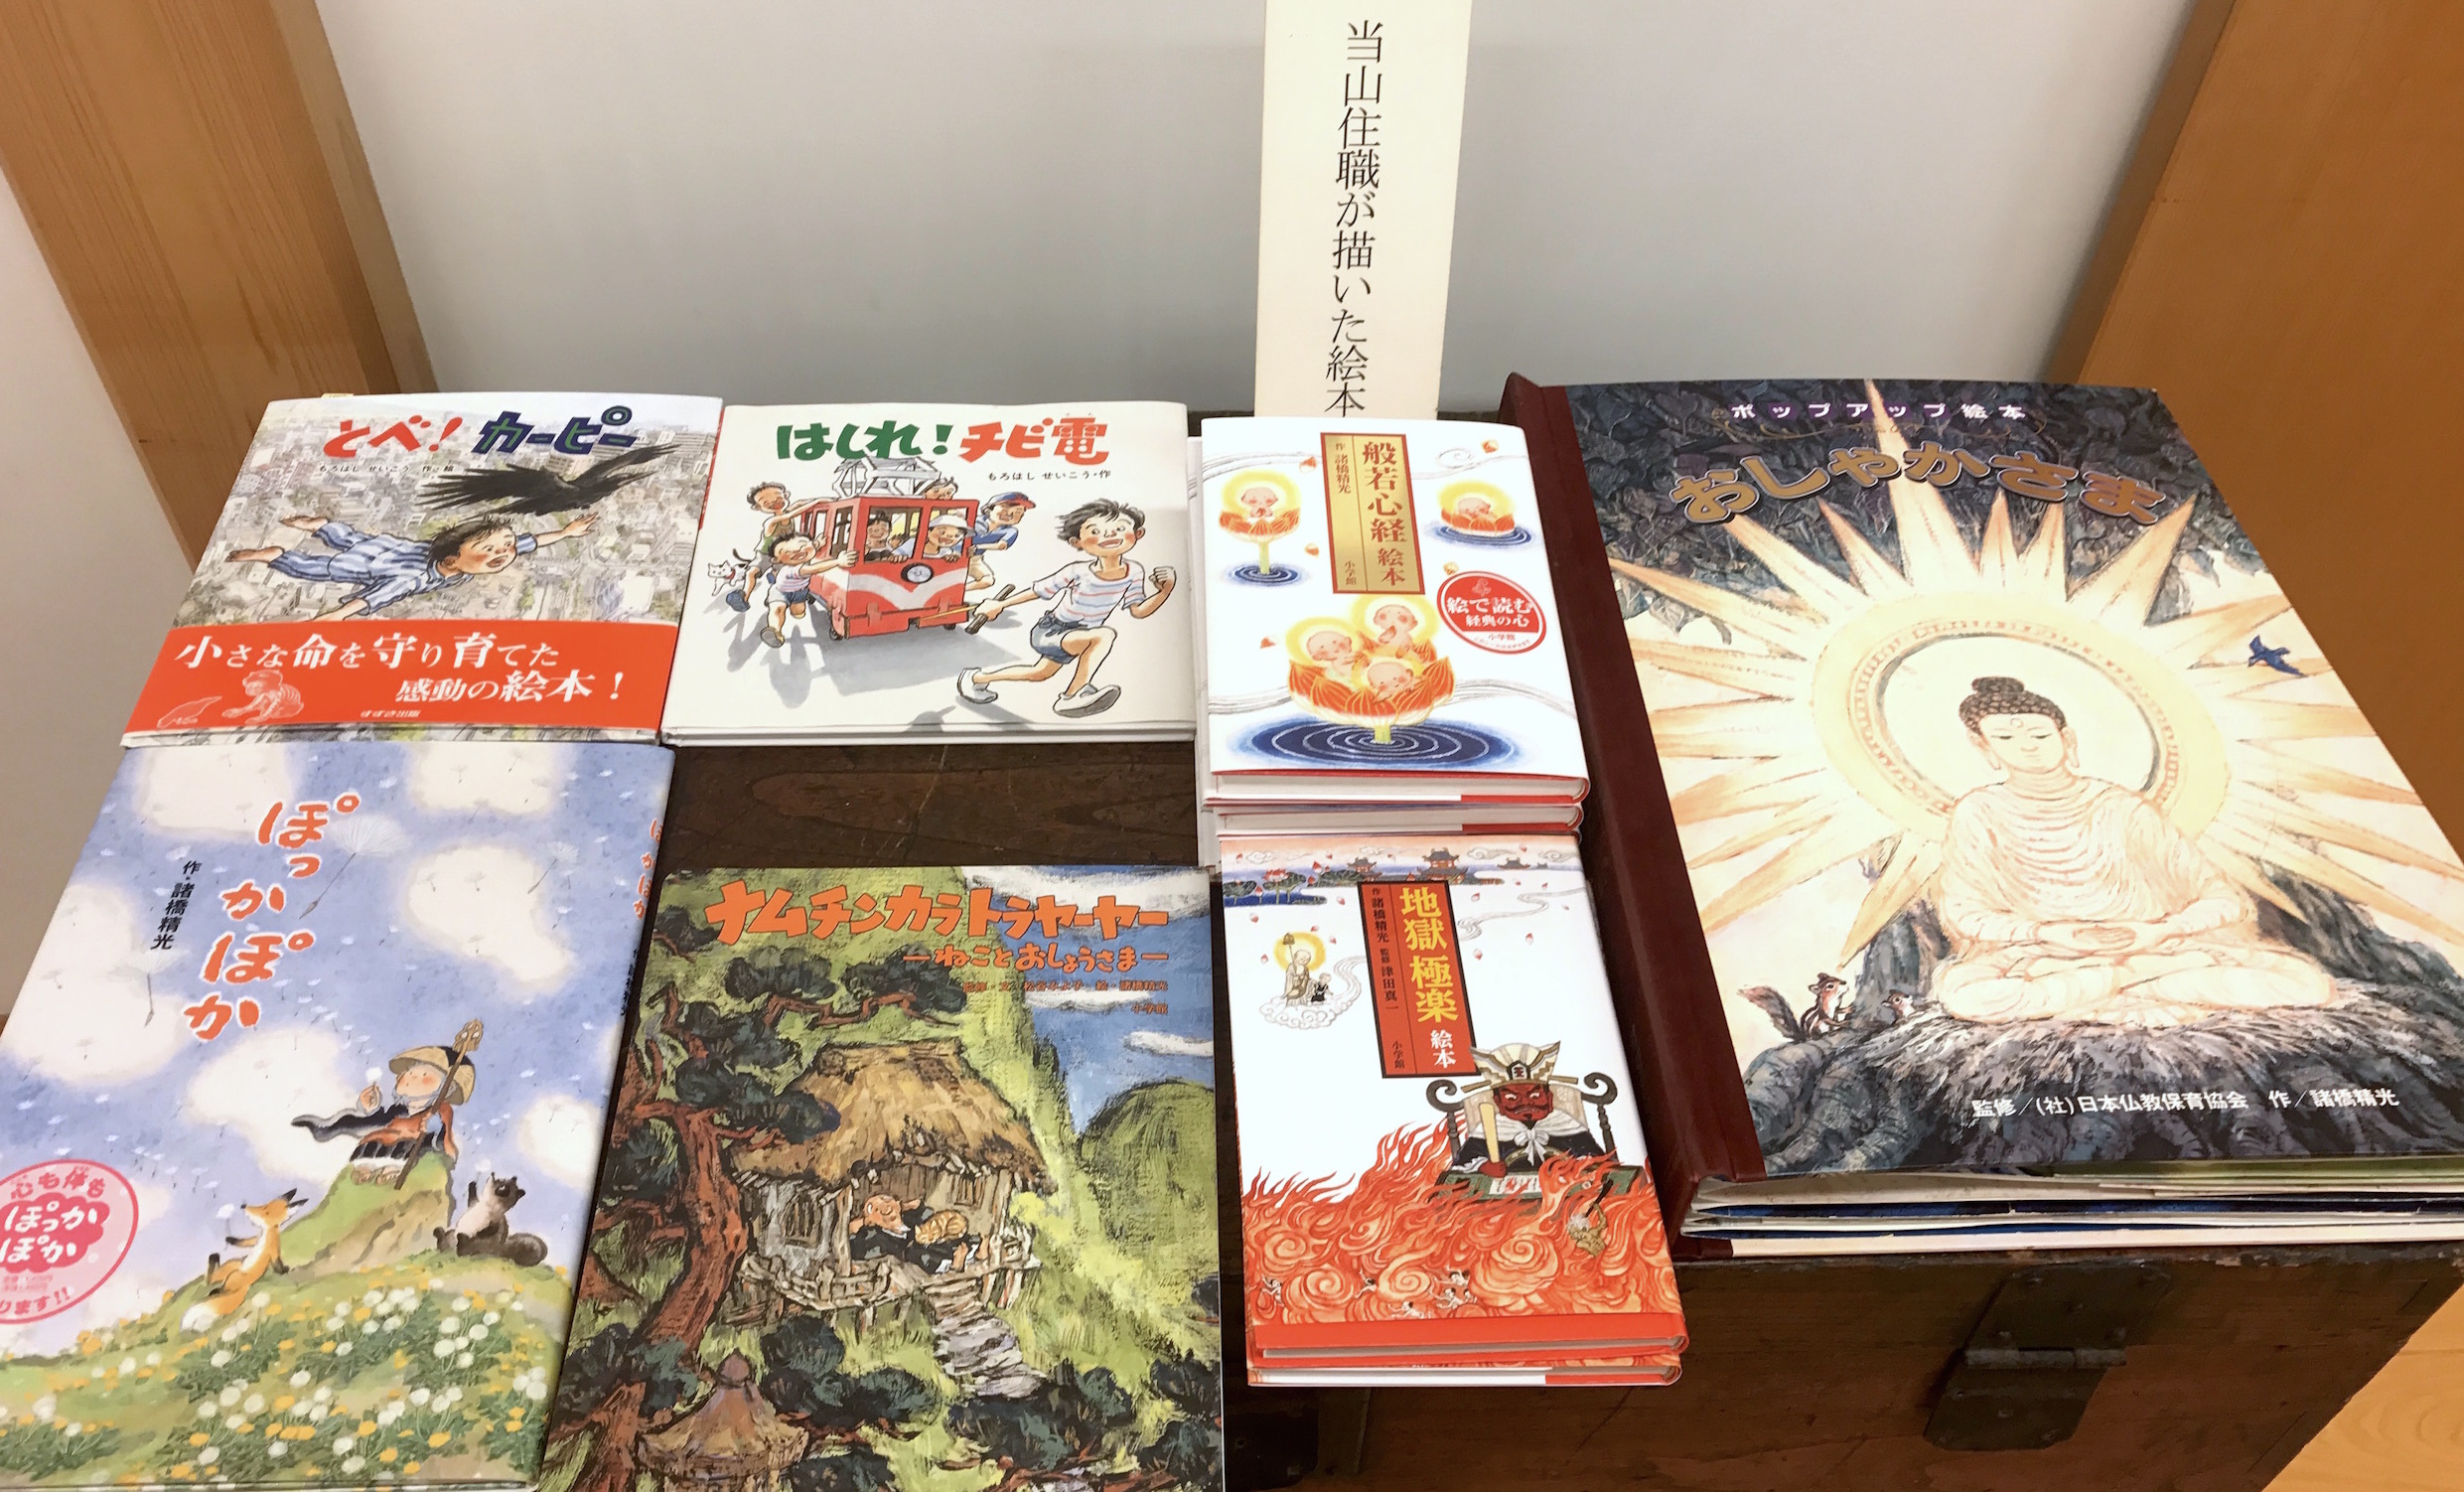 13出版された絵本たち